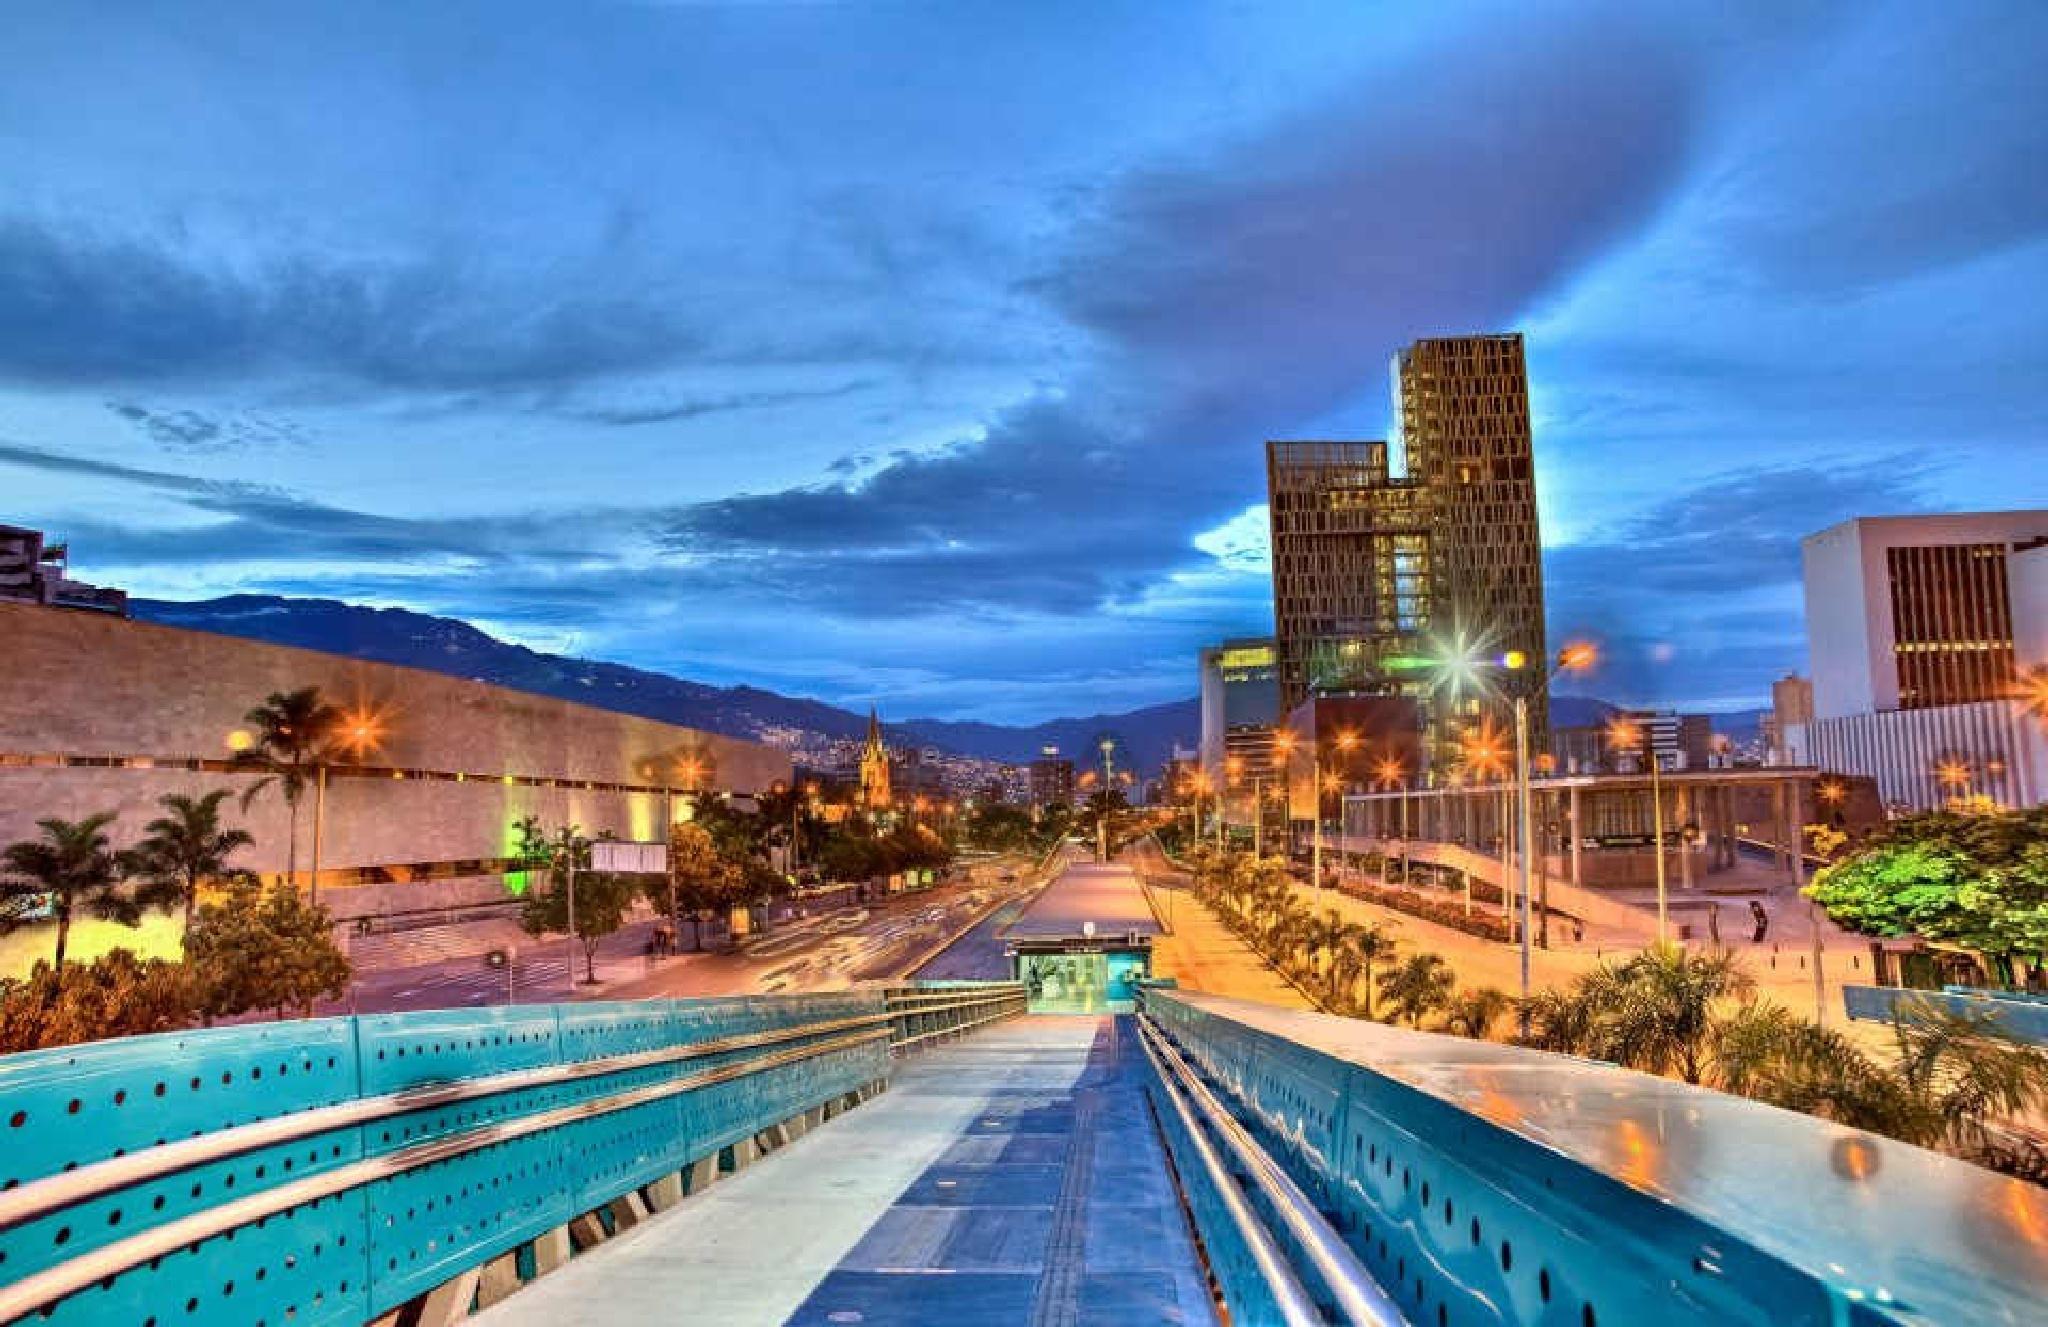 Medellin /Colombia  by LUIS FELIPE RENDON PEREZ